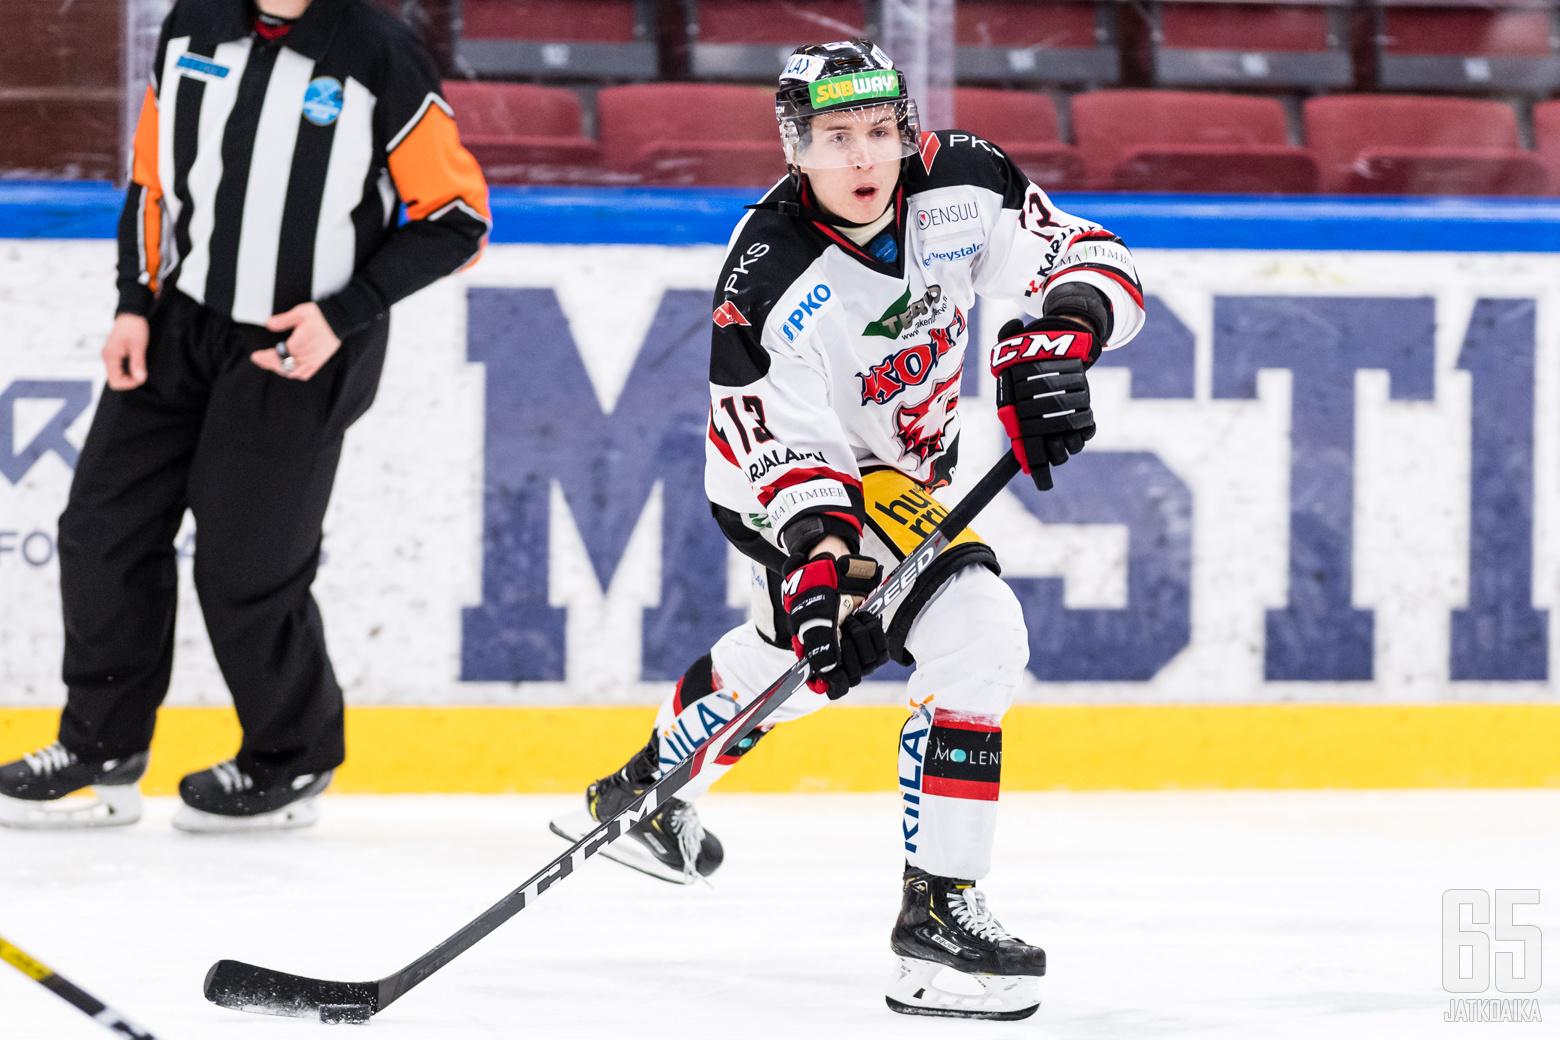 Jokipoikien Terry And (13) Mestis-ottelussa K-Vantaa - Jokipojat, Trio Areenalla, 15. tammikuuta 2020.